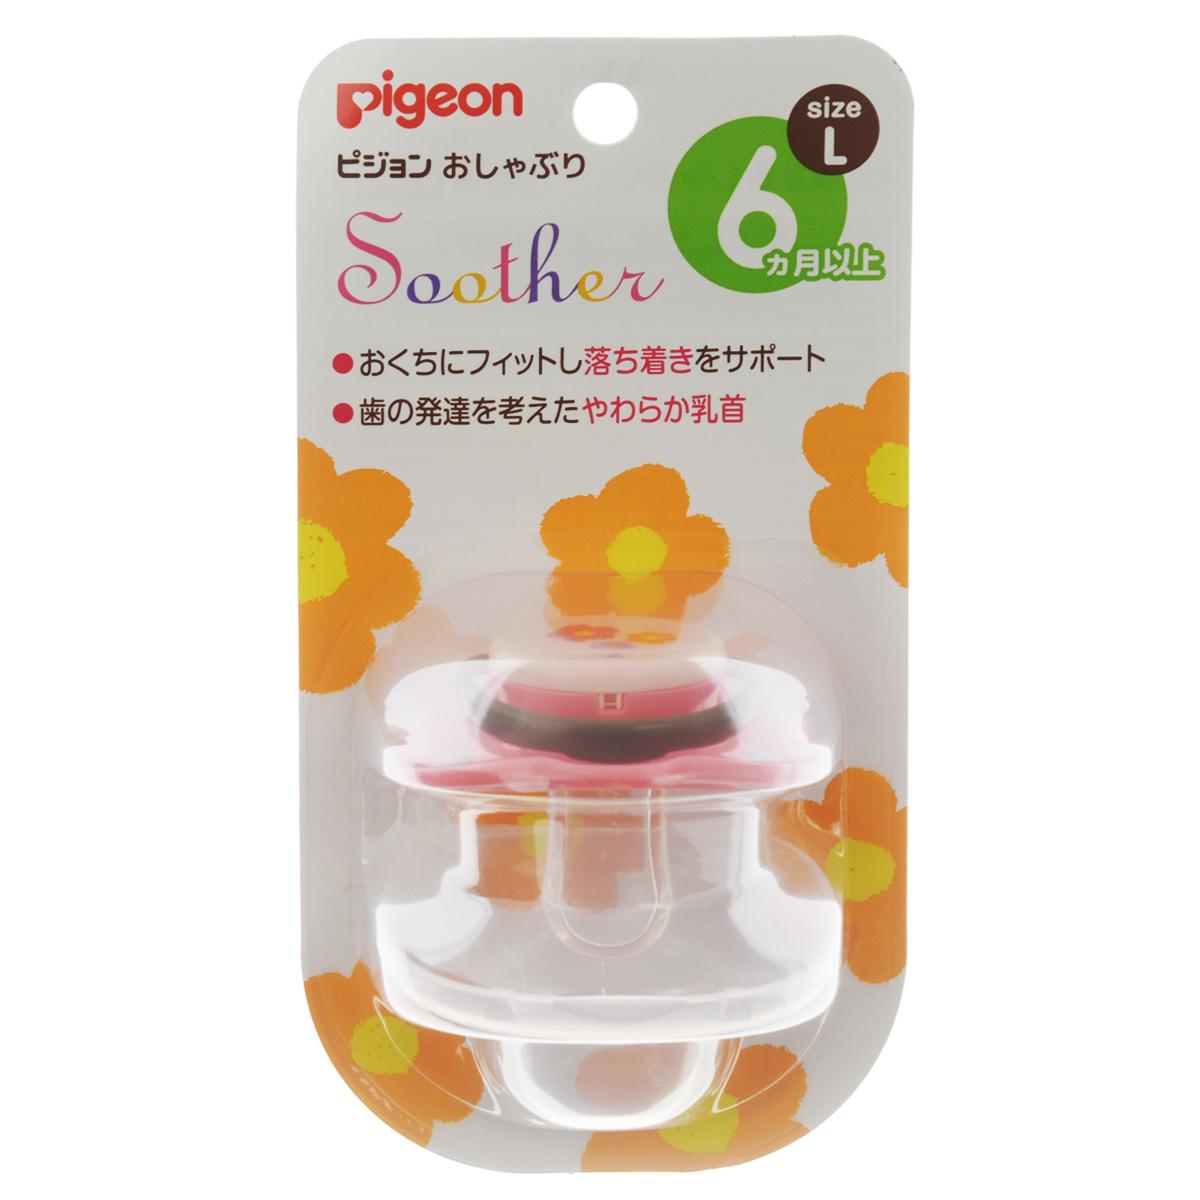 PIGEON Пустышка Цветочек 6+ мес (размер L)334905311Пустышка Pigeon Цветочек, снабженная традиционным ограничителем с кольцом, прекрасно сочетается с сосательной ямкой во рту малыша и не препятствует естественным сосательным движениям. Мягкая пустышка, выполненная из силикона, не имеющего вкуса и запаха, не оказывает негативного влияния на формирование прикуса и зубов. Загубник выполнен из полипропилена и оснащен вентилируемыми отверстиями. В комплект с соской входит футляр.